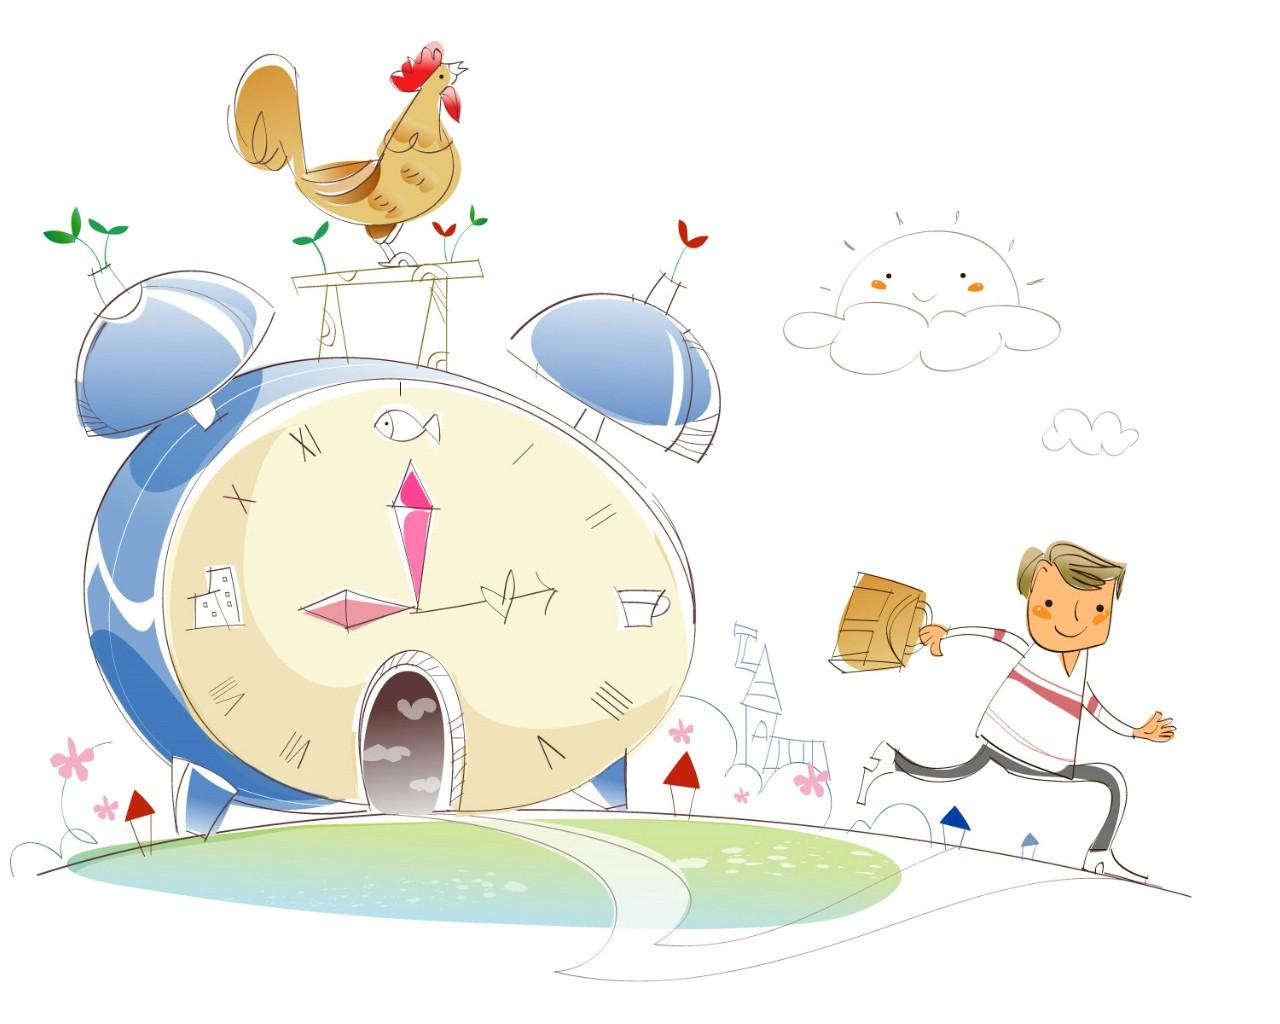 欢迎访问[咸蛋超人简笔画] > 咸蛋超人卡通头像 > 超人强简笔画保存到